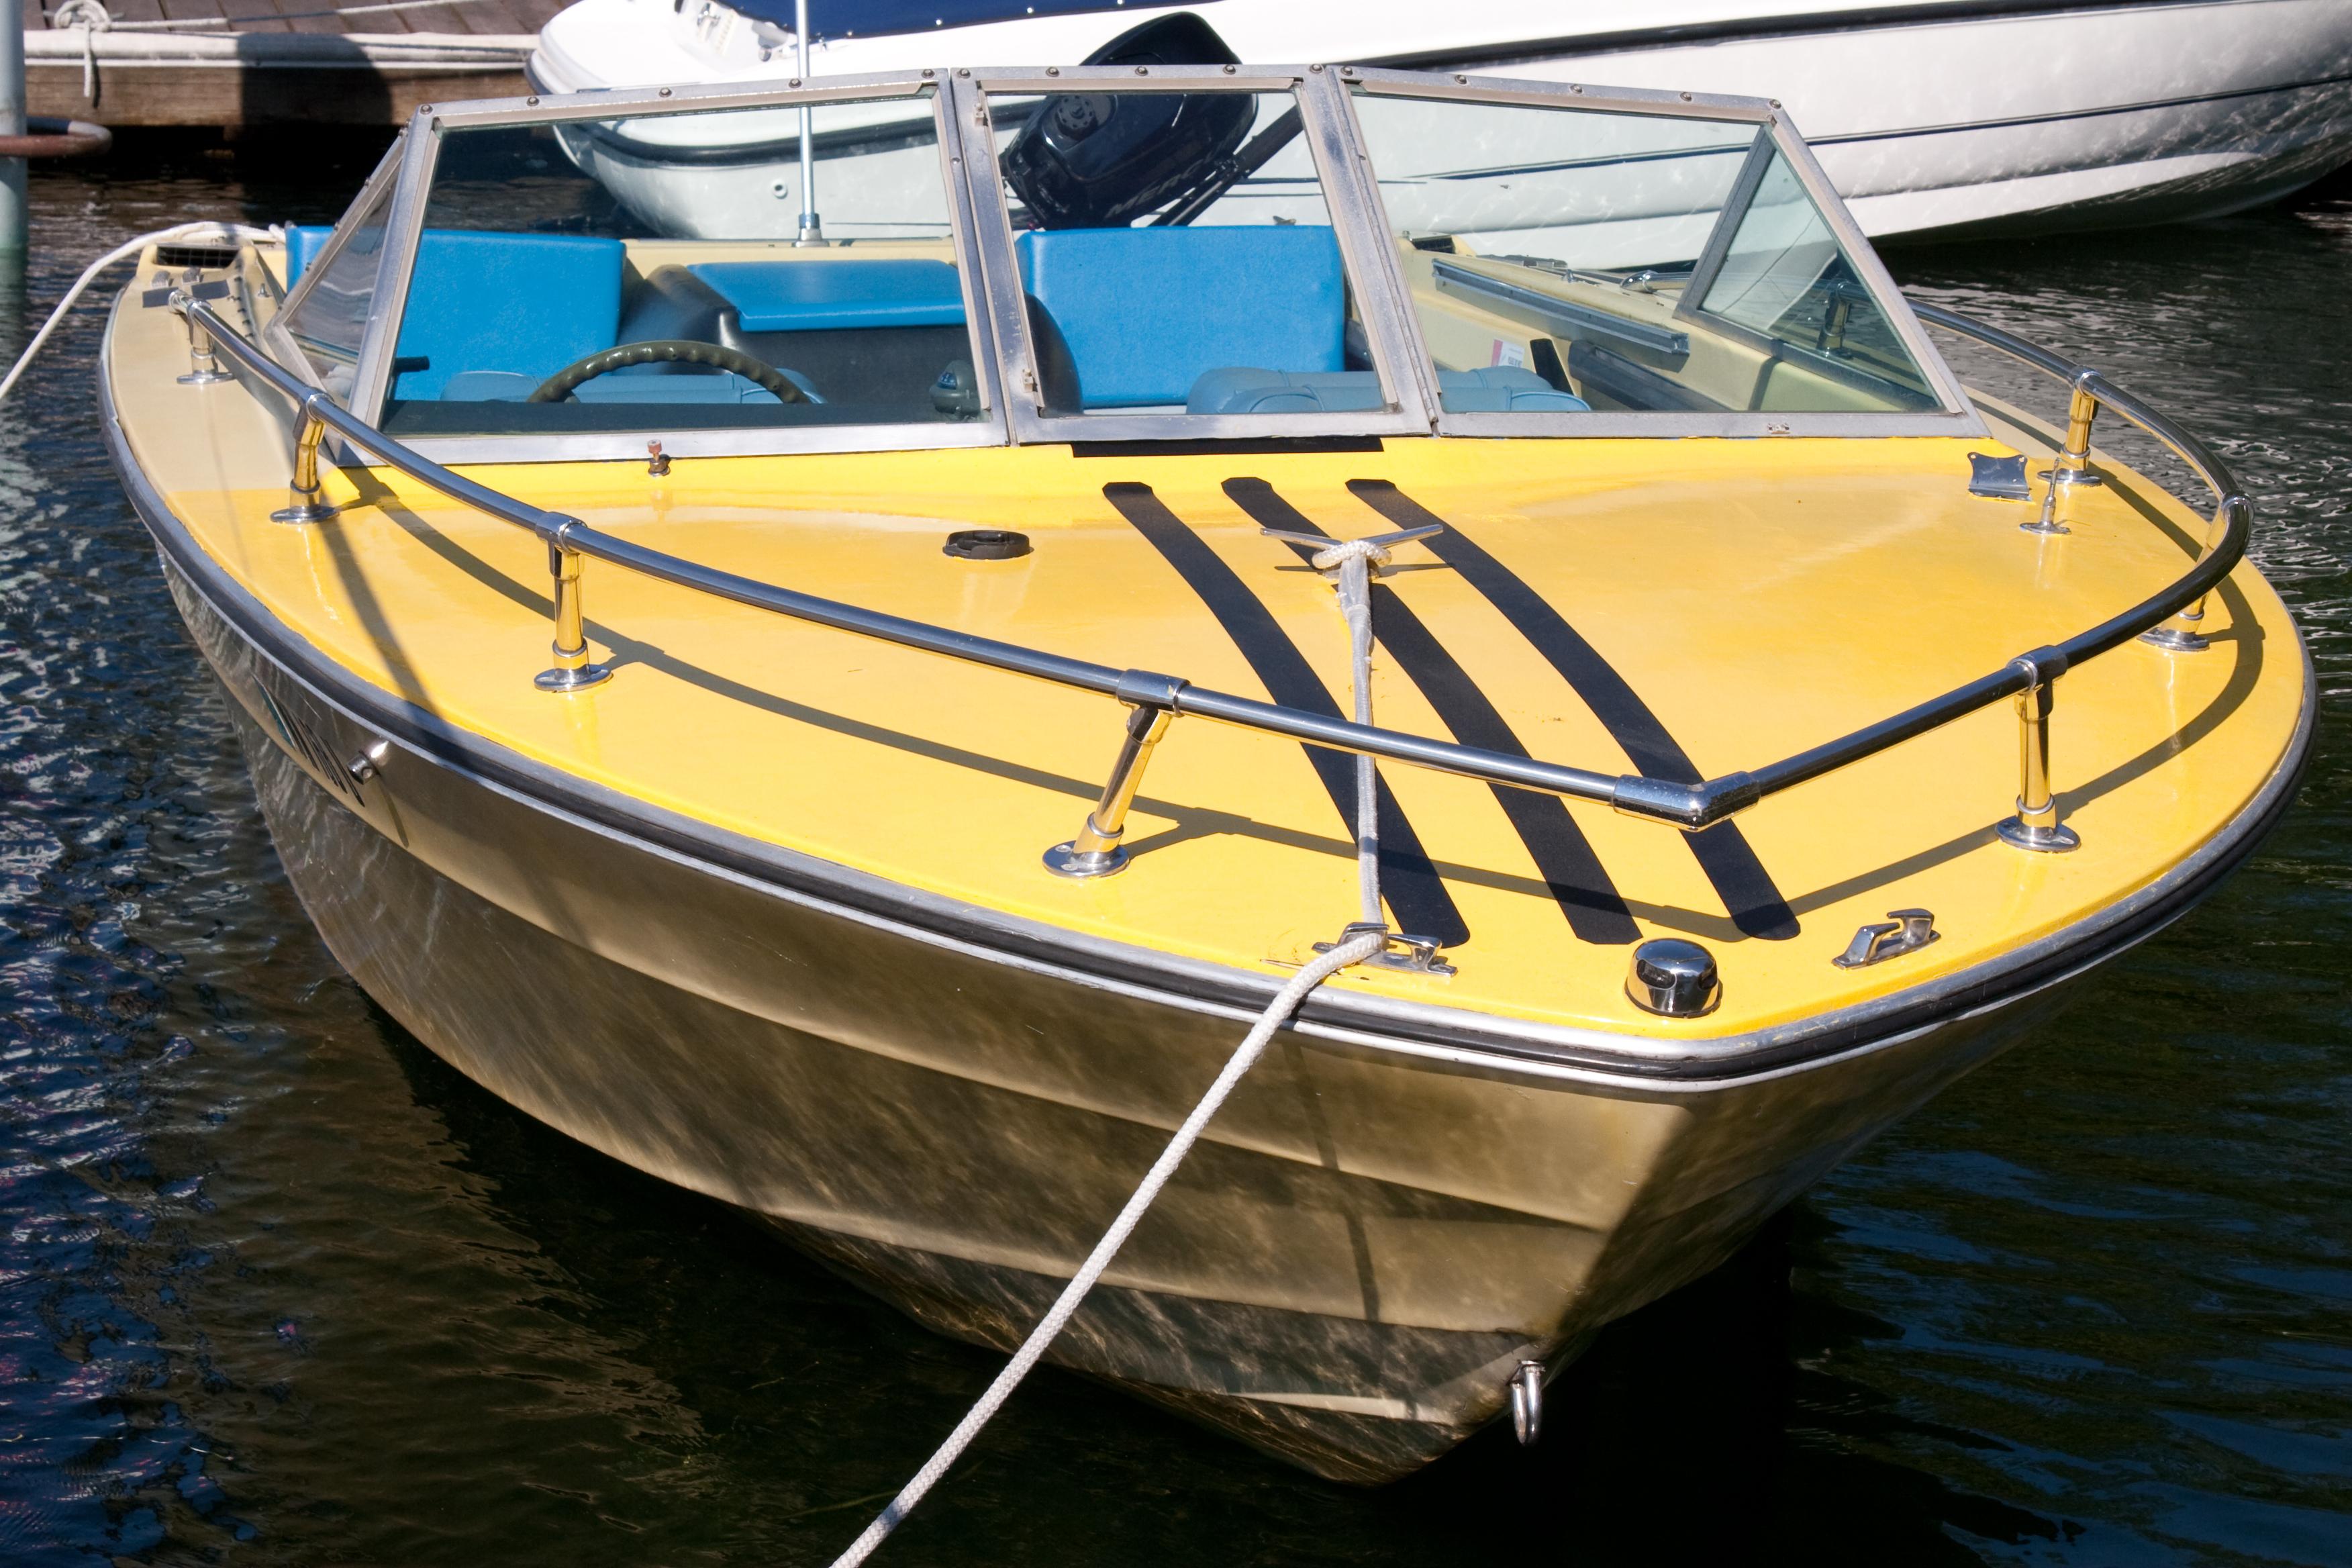 1972 Sea ray 190 SRV